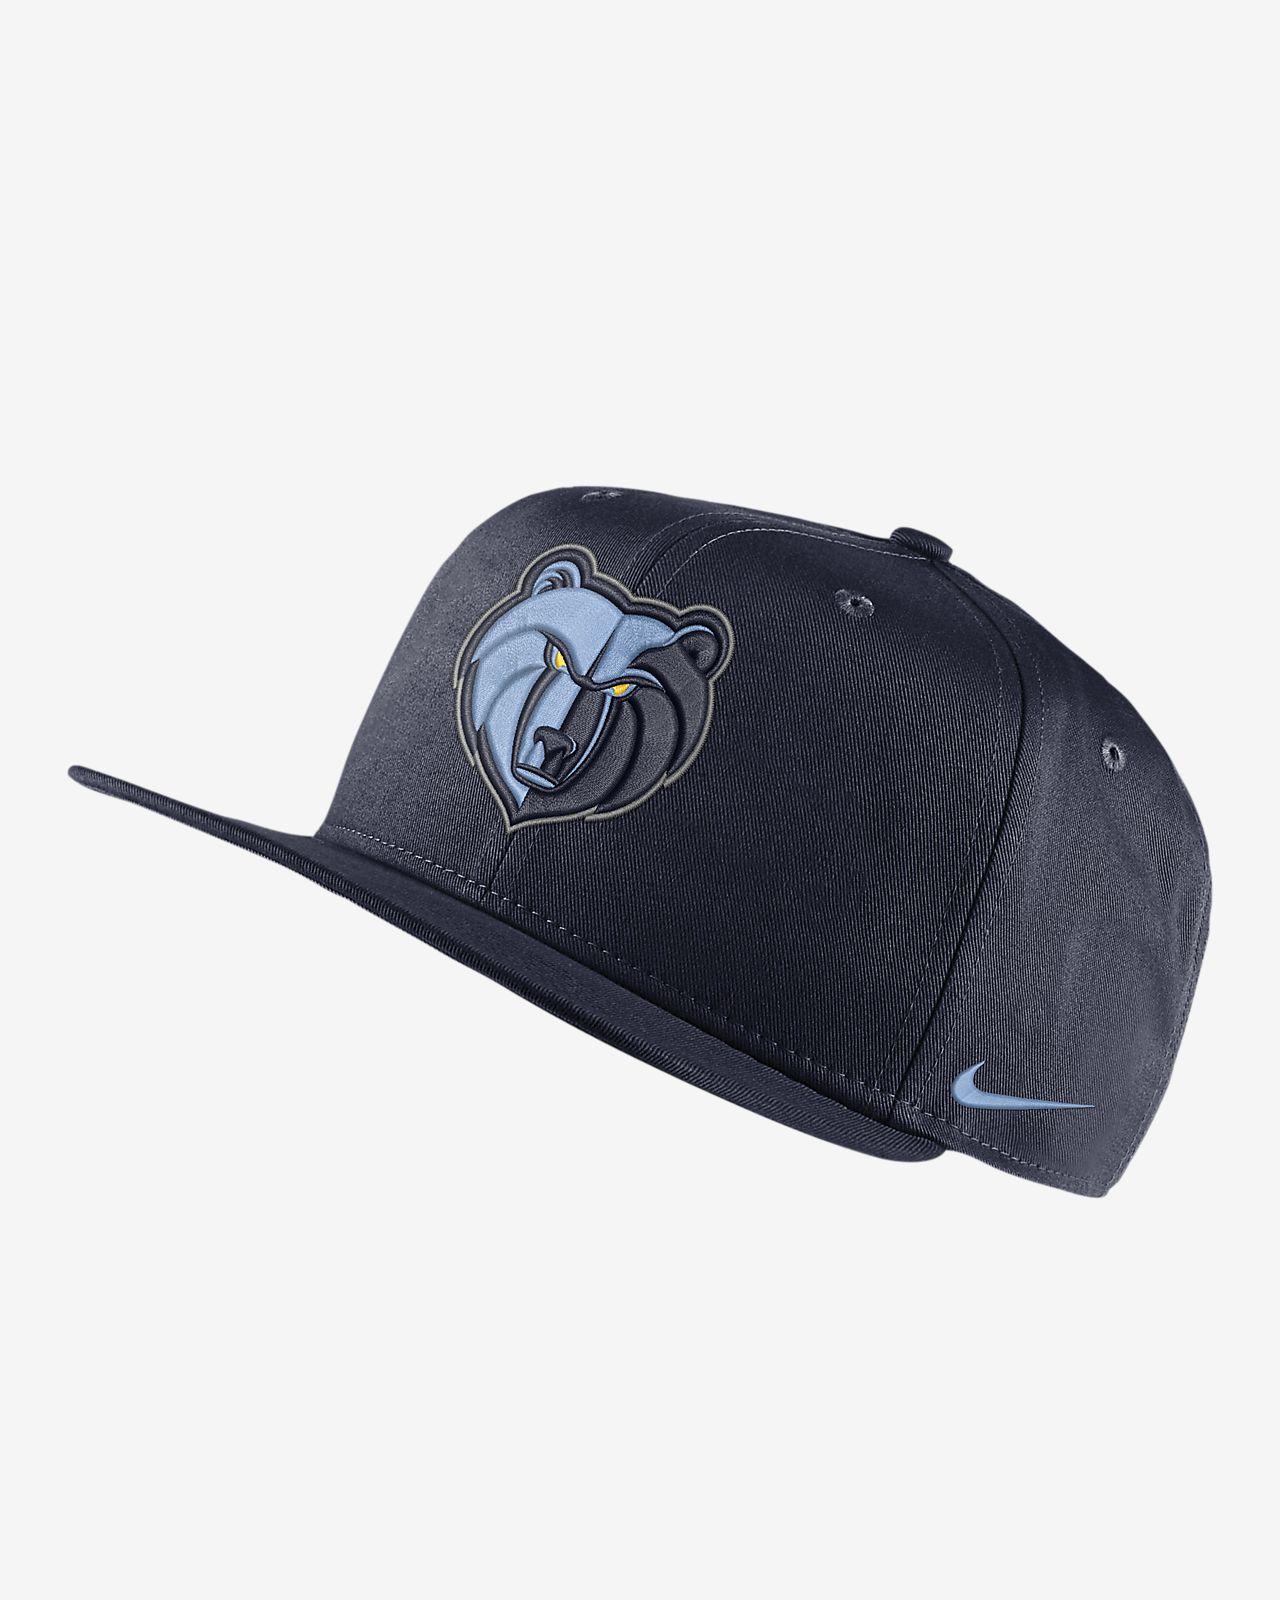 Memphis Grizzlies Nike Pro-NBA-kasket